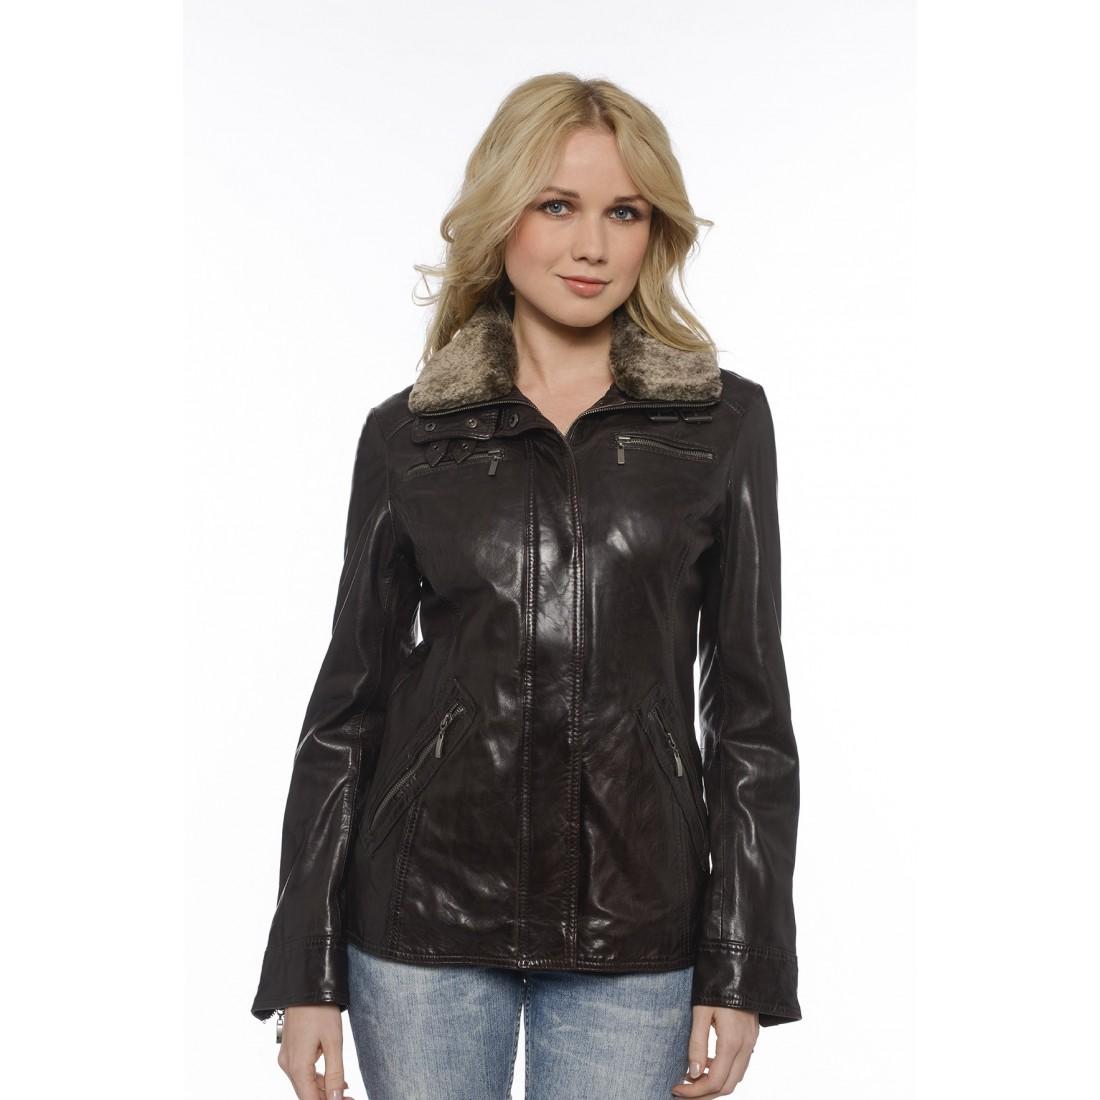 manteau cuir daytona lady marron pour femme. Black Bedroom Furniture Sets. Home Design Ideas